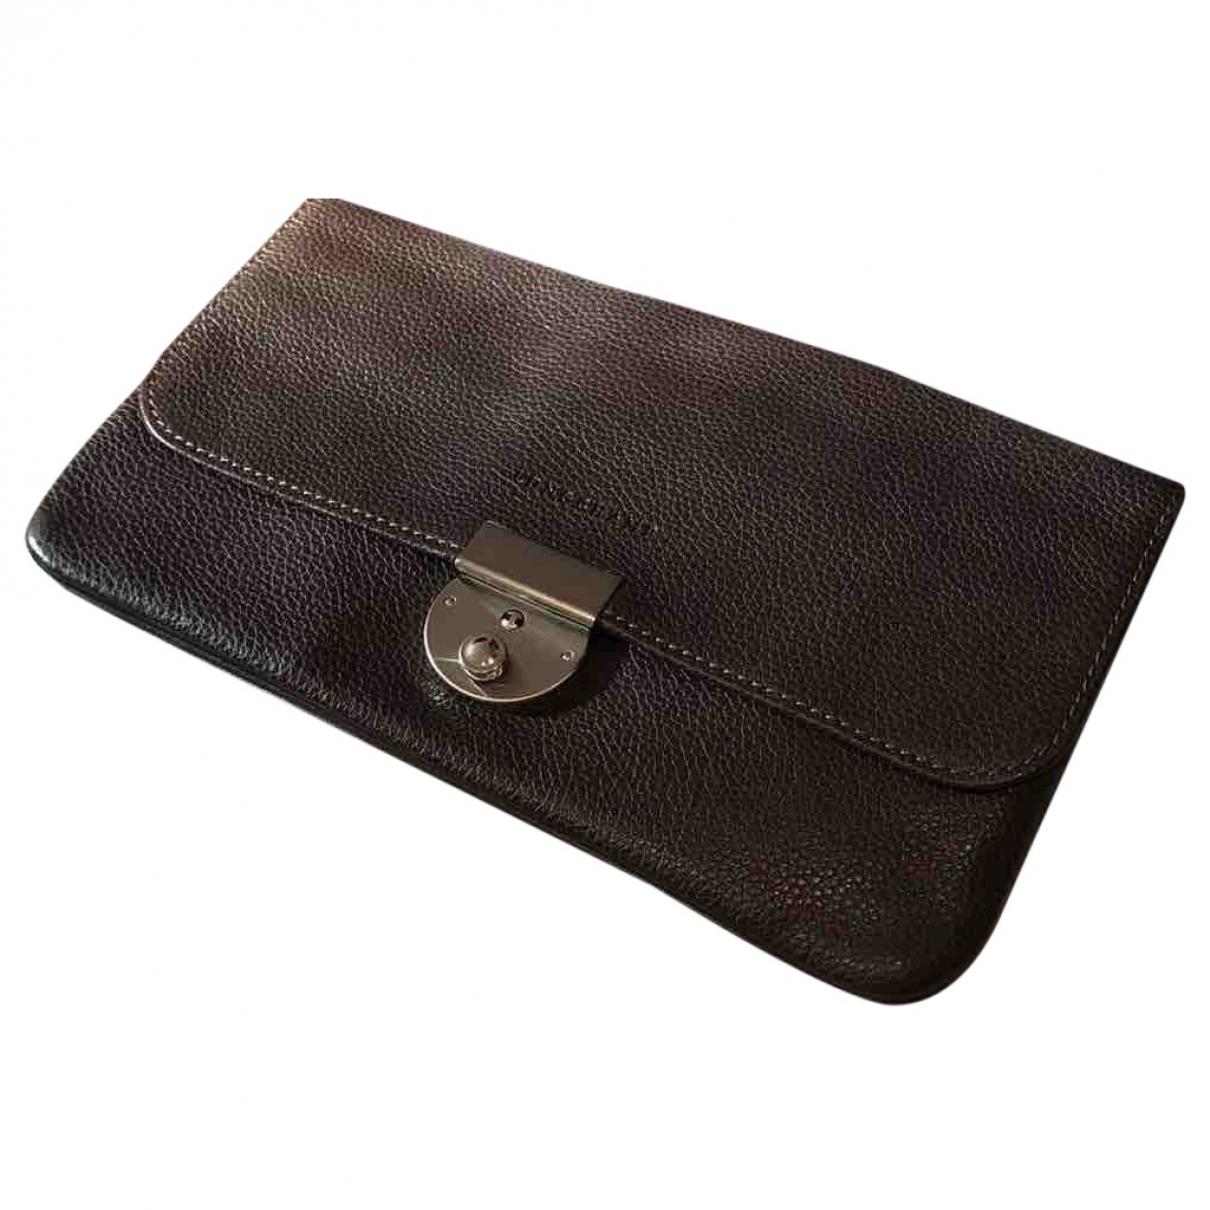 Longchamp - Petite maroquinerie   pour femme en cuir - marron